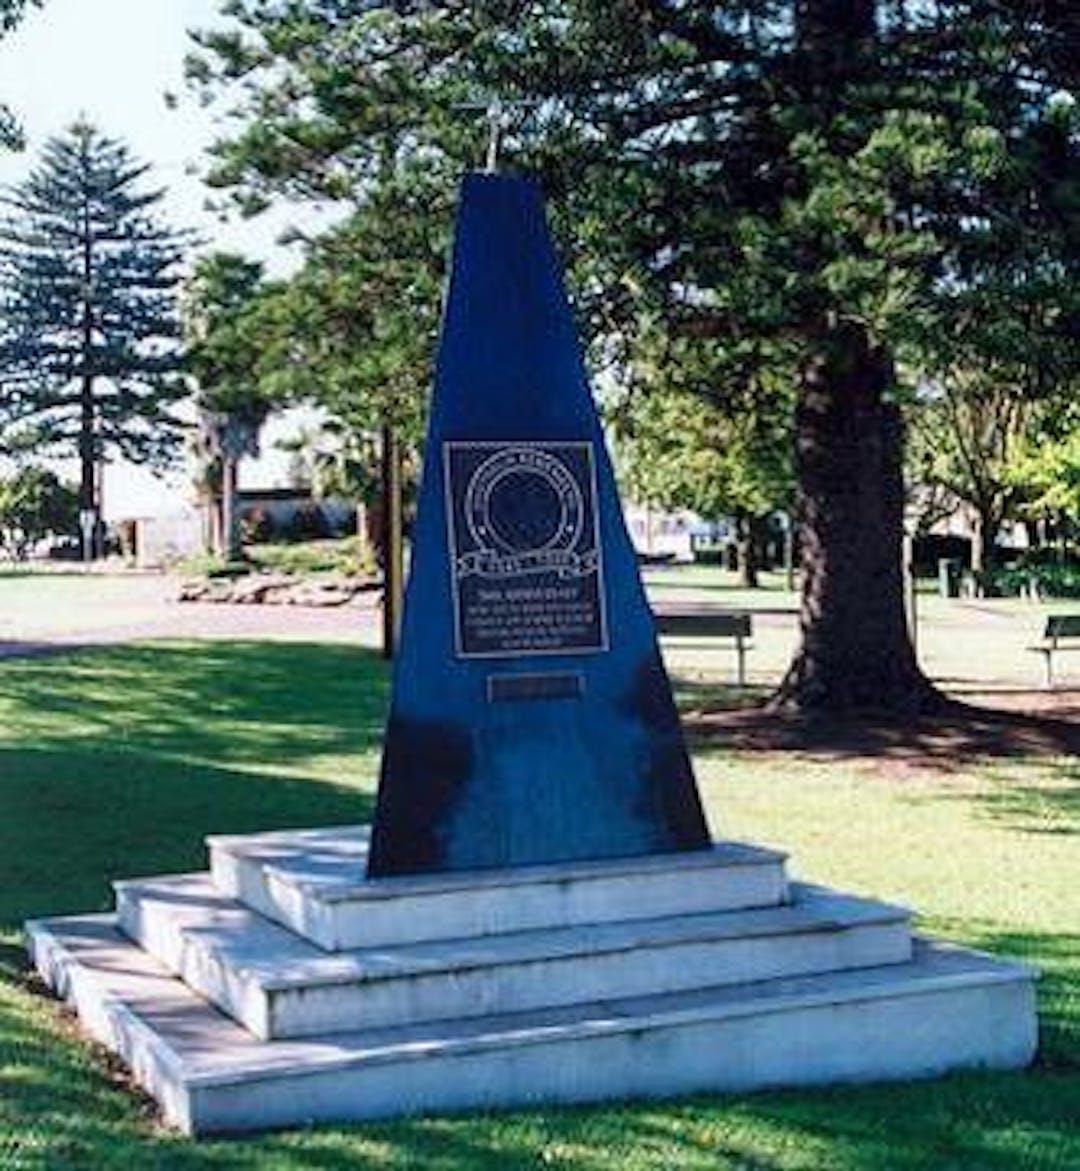 Relocation of World War II Memorial